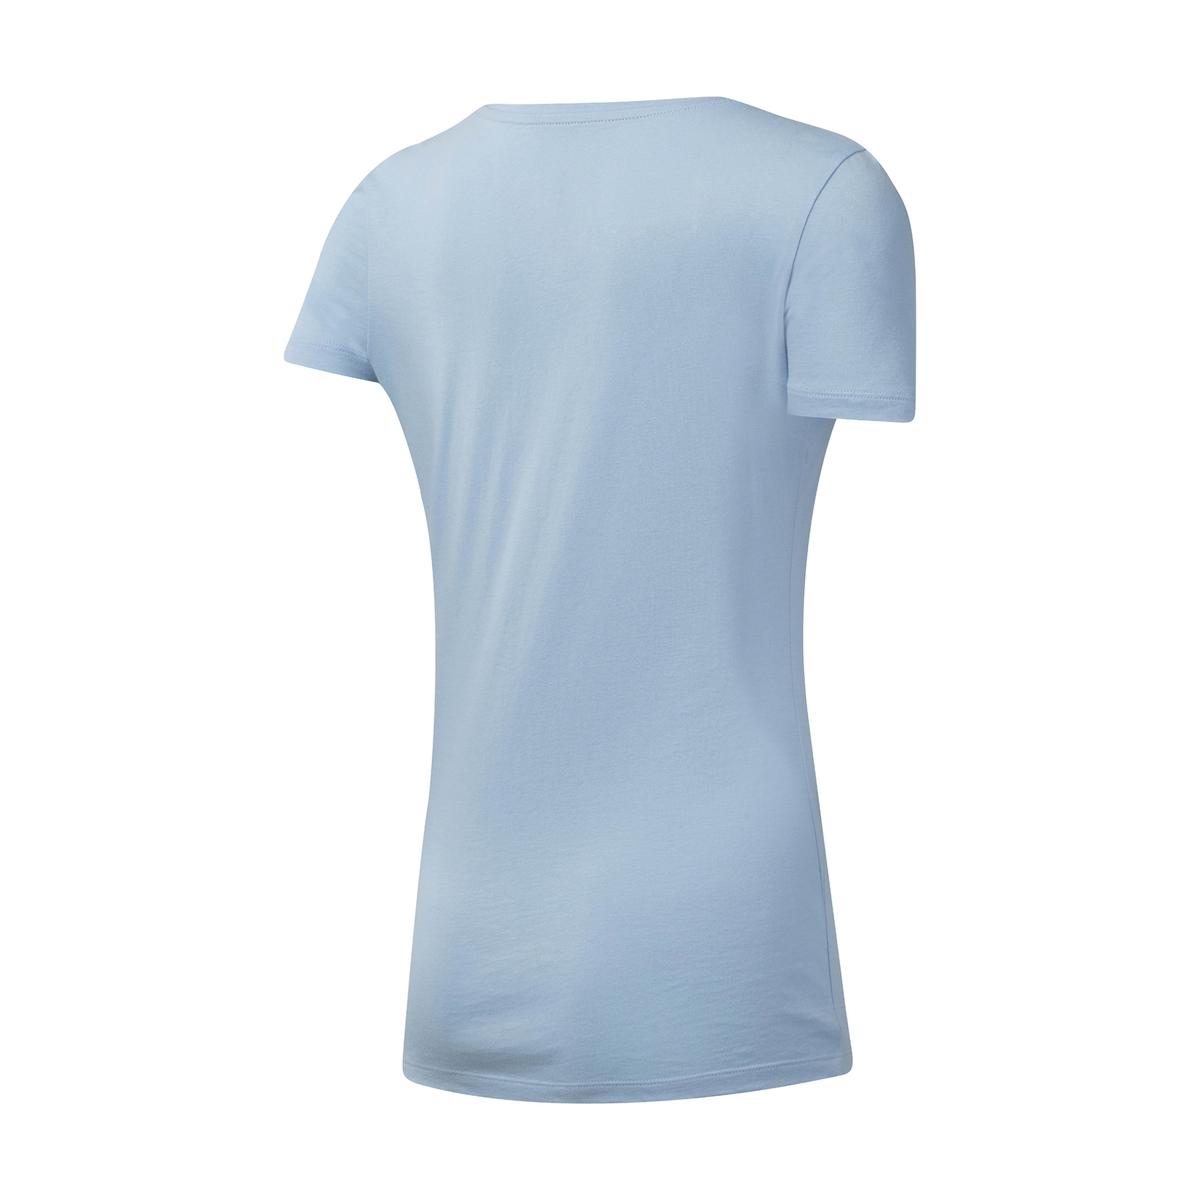 Imagen secundaria de producto de Camiseta estampada delante, Linear Read - Reebok